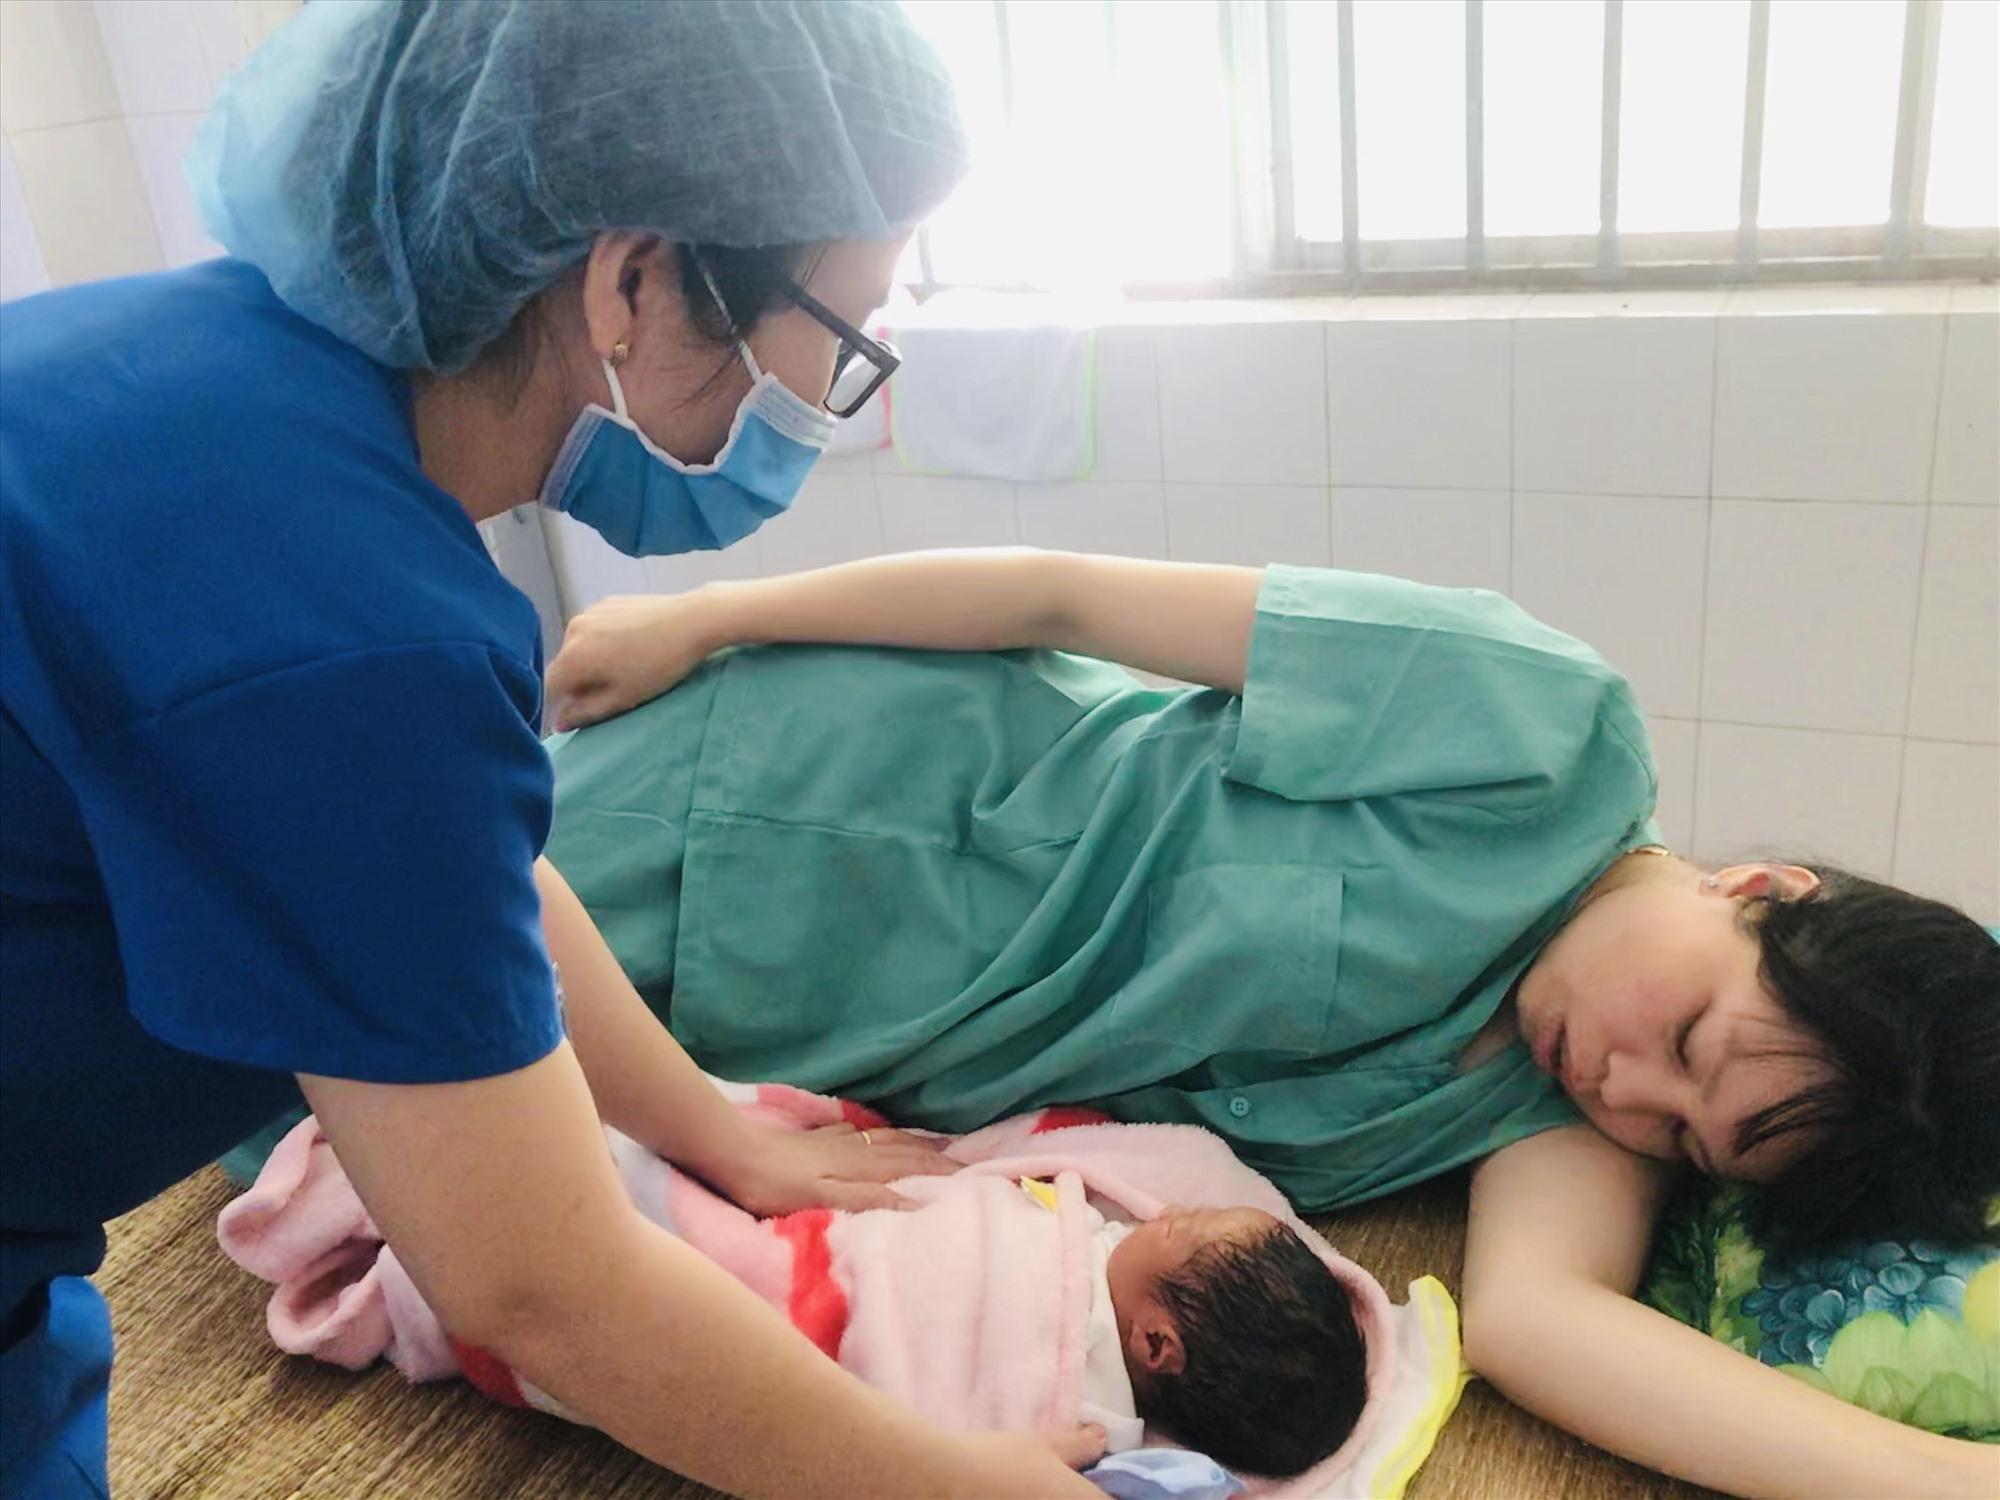 Cán bộ y tế Khoa sản, Bệnh viện Đa khoa tỉnh chăm sóc sản phụ đến từ khu cách ly. Ảnh: C.N